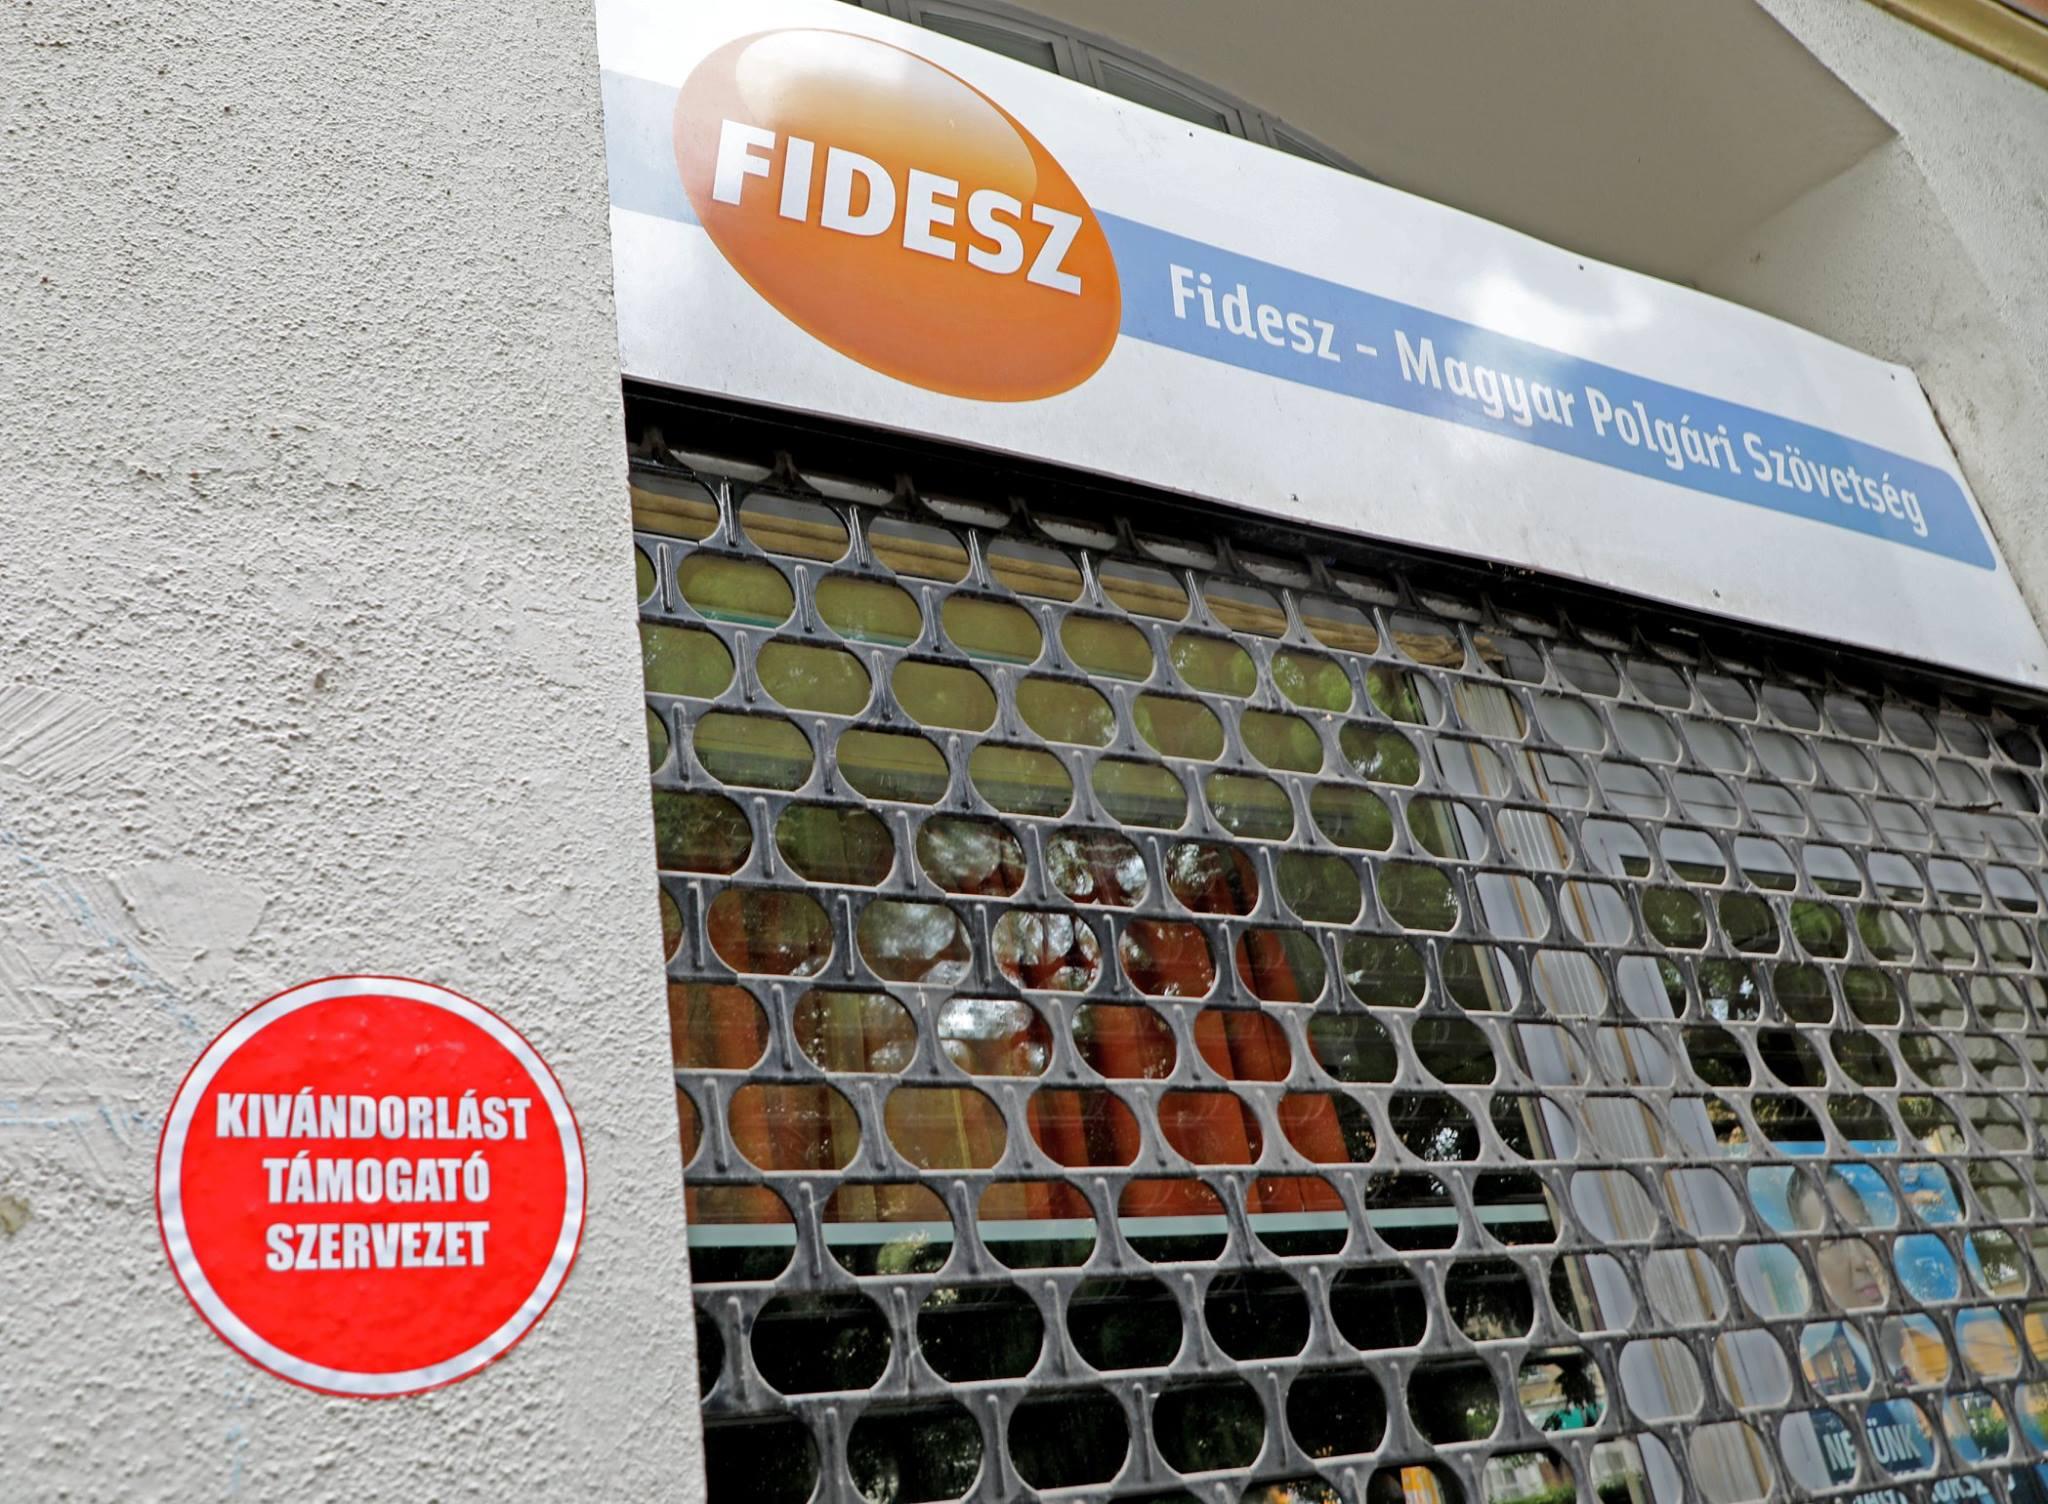 """Felmatricázták a Fidesz-irodákat: """"Kivándorlást támogató szervezet"""""""